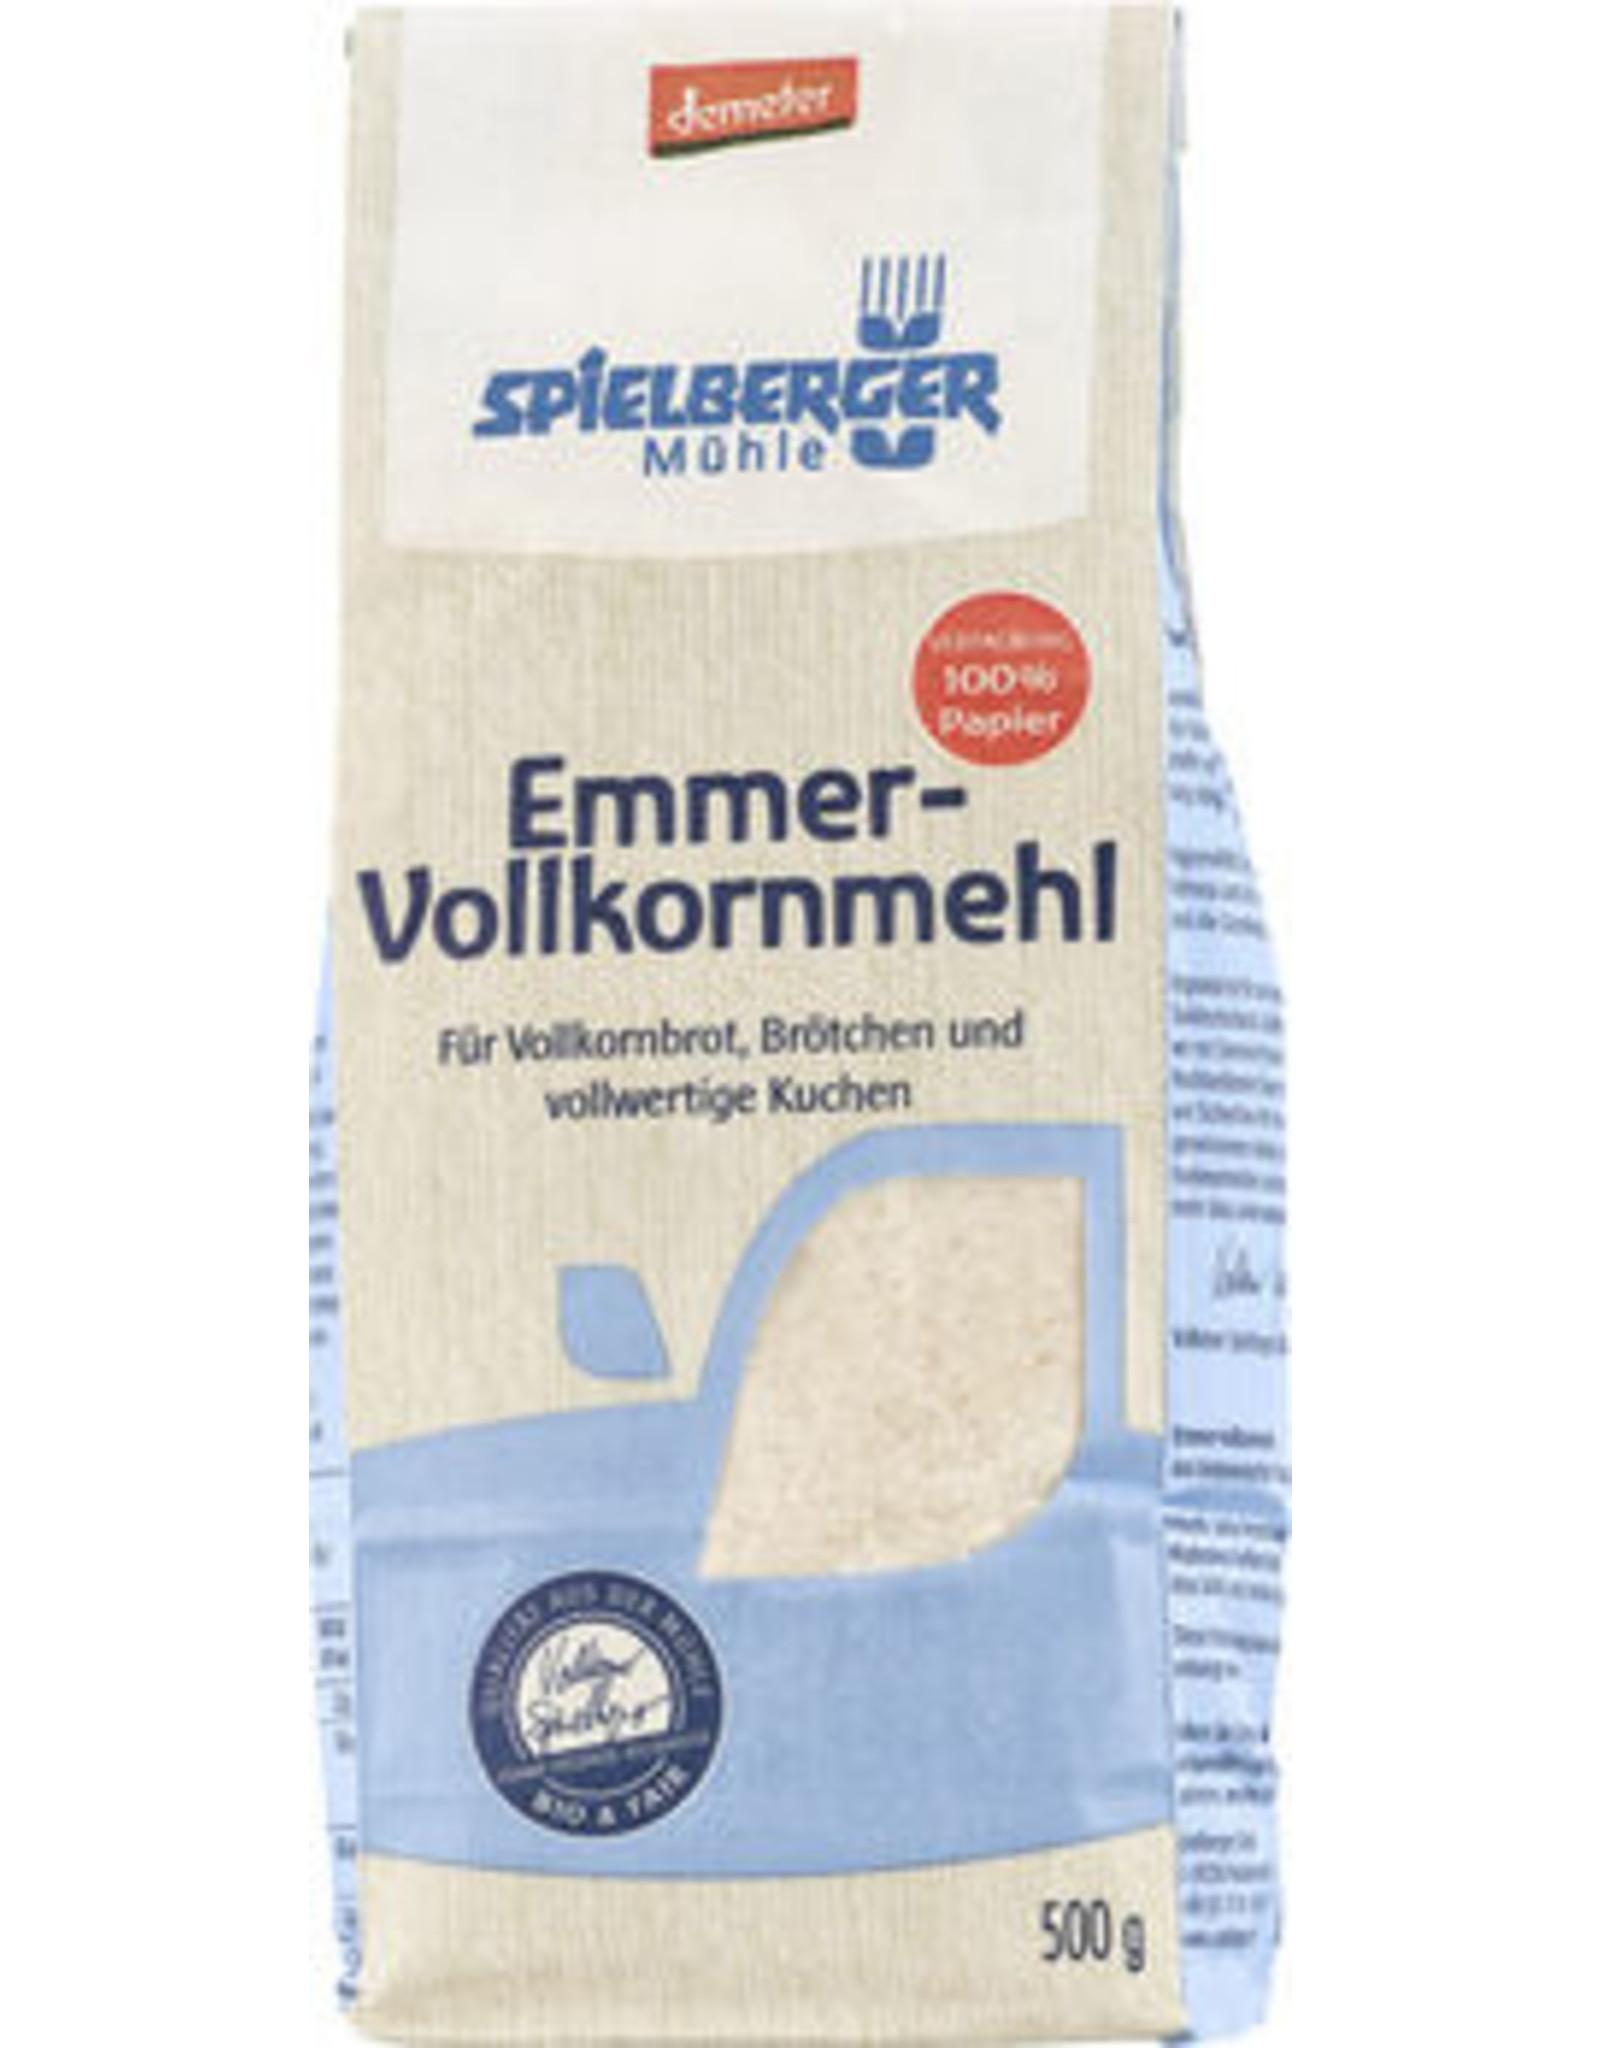 SPIELBERGER Emmer-Vollkornmehl, demeter 500g